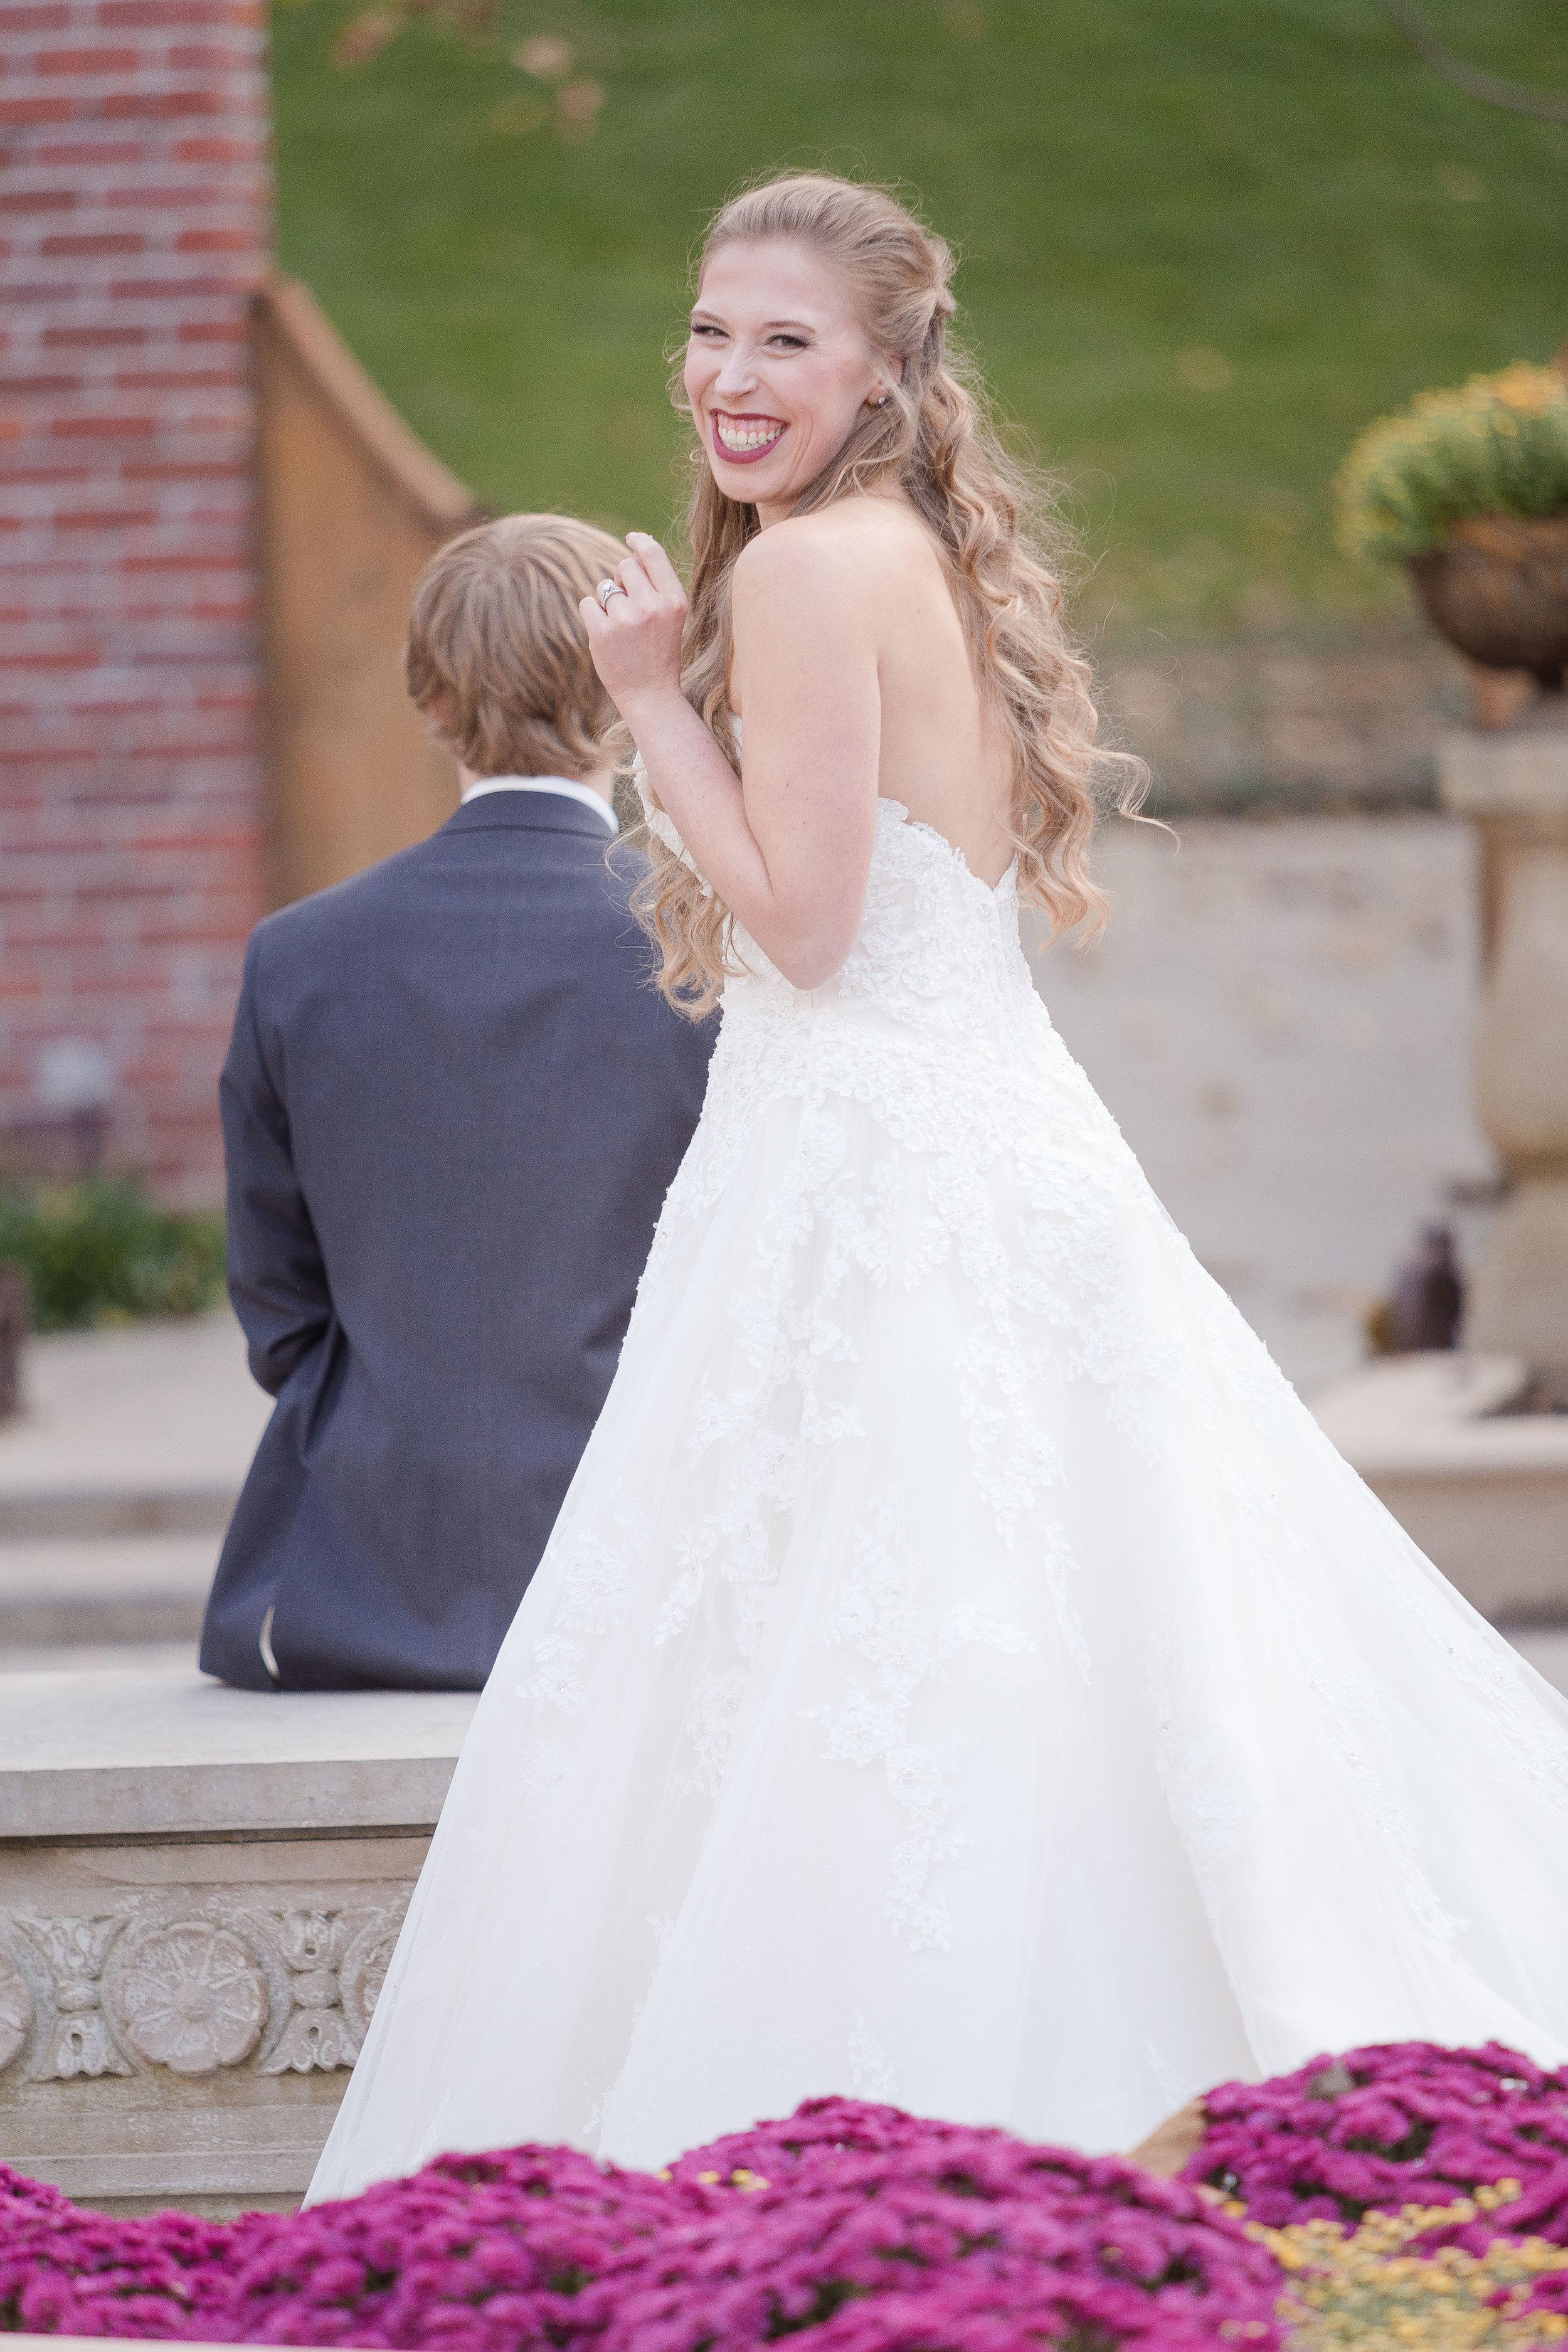 C_Wedding_Spellman, Megan & Tyler_10.27.18-654.JPG